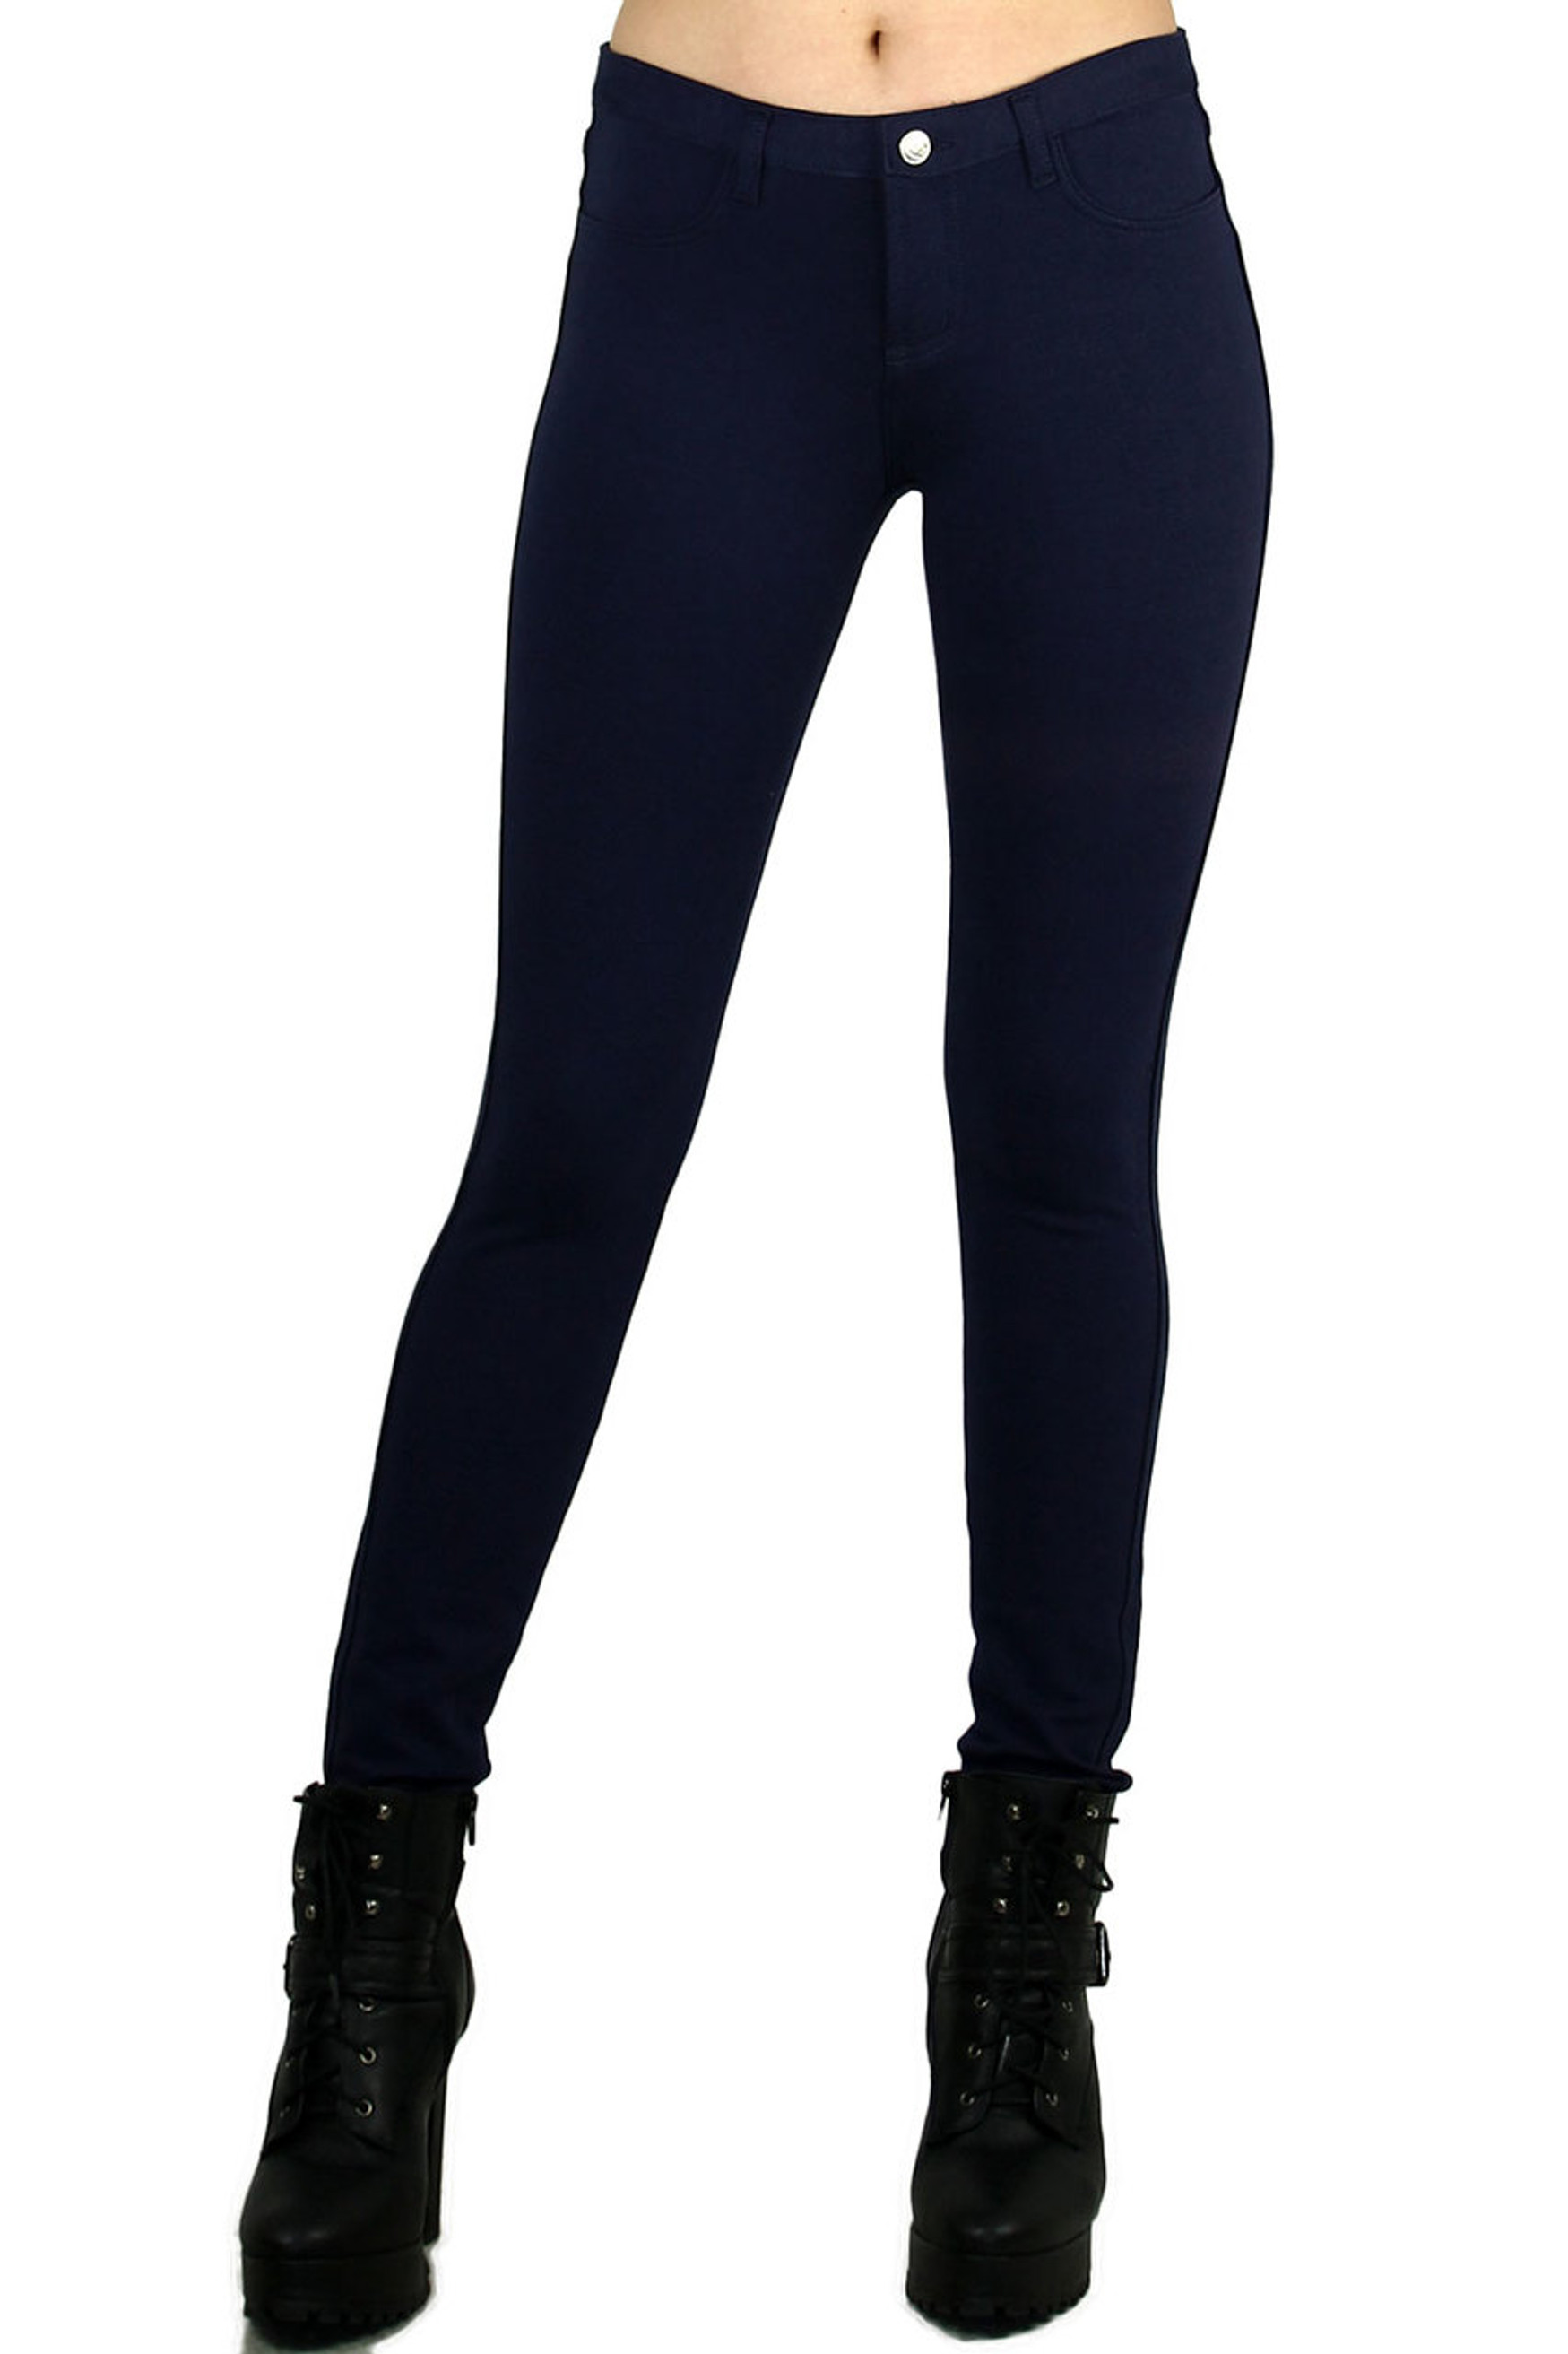 Signature Jean Cotton Leggings - Plus Size